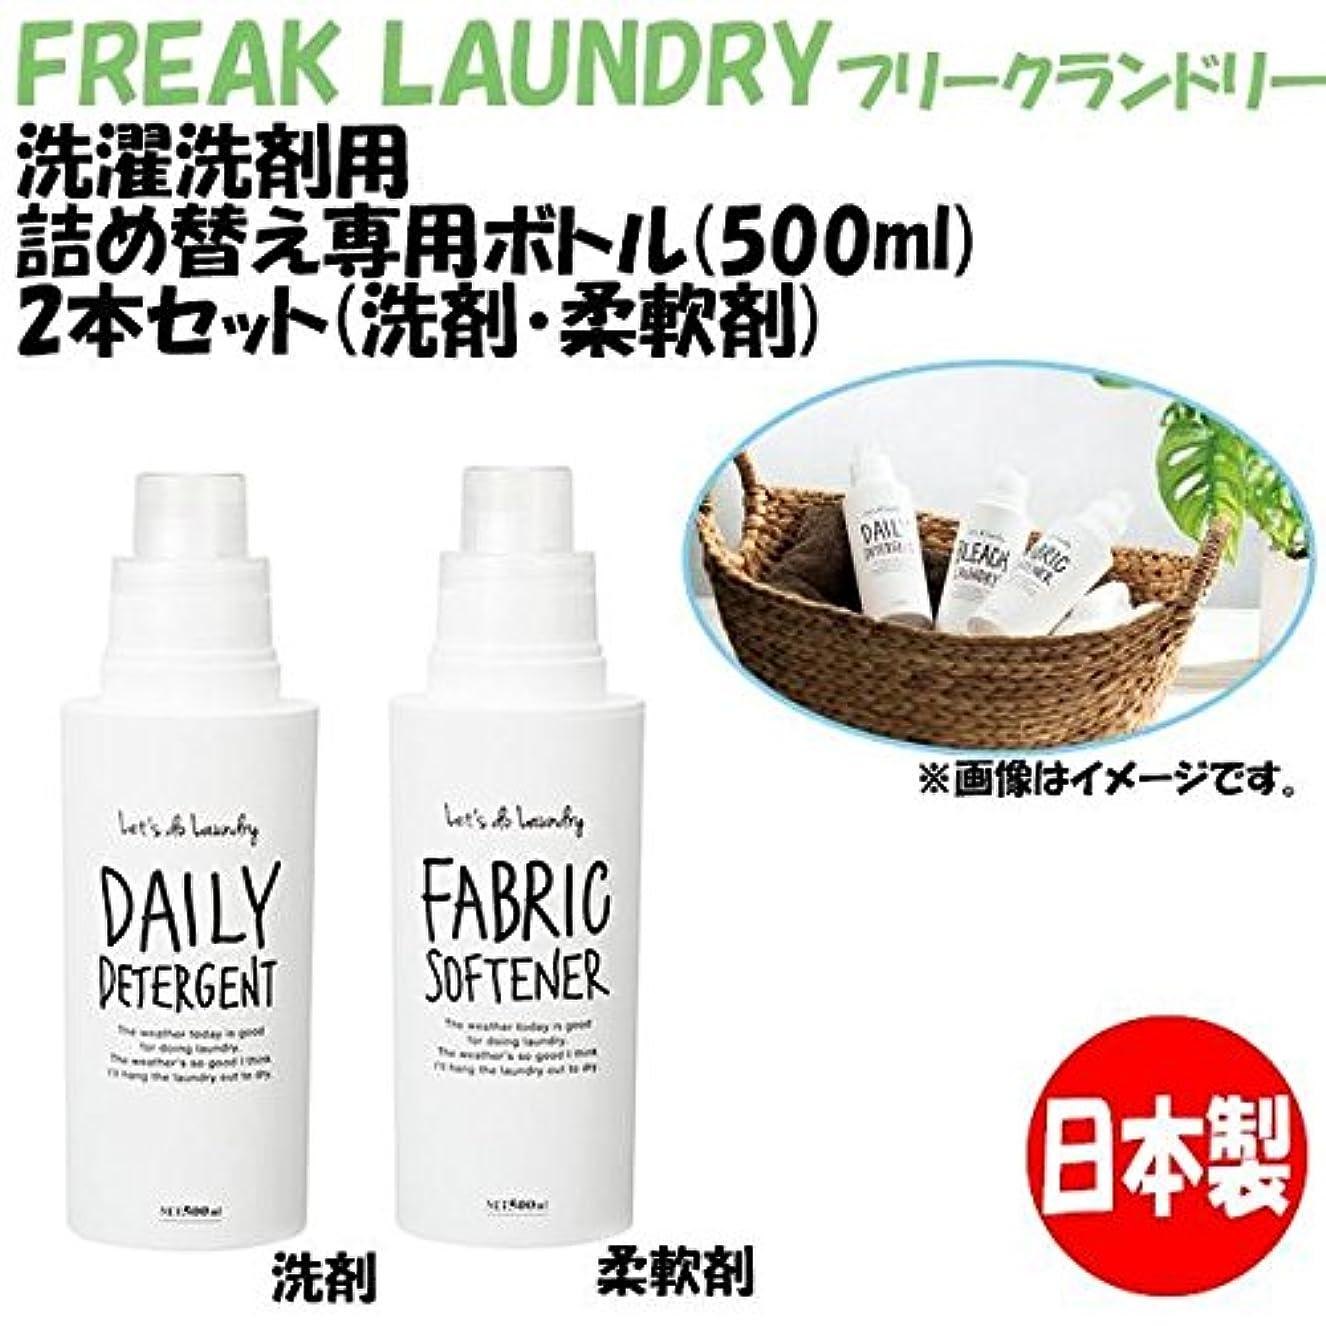 シャーク数学的な流日本製 フリークランドリー 洗濯洗剤用詰め替え専用ボトル(500ml) 2本セット(洗剤?柔軟剤)